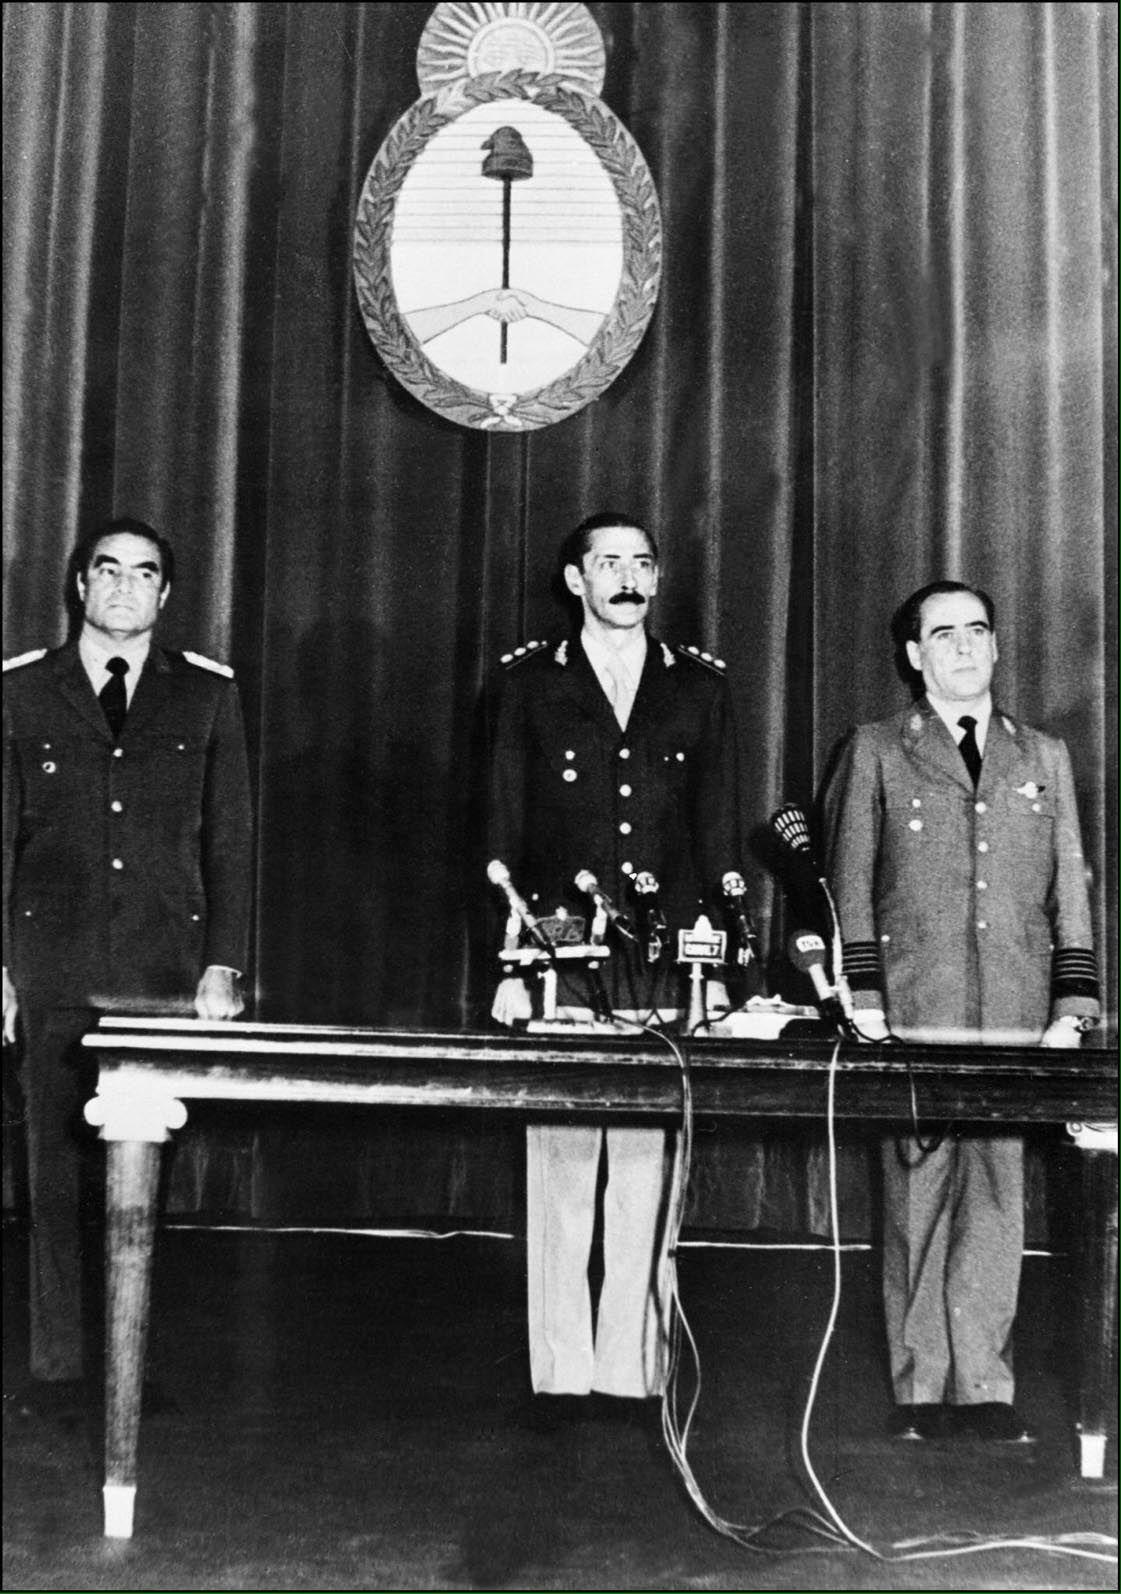 Los integrantes de la junta militar Jorge Rafael Videla, Eduardo Massera y Ramon Agosti, en un acto protocolar luego de tomar el poder en 1976 (NA)